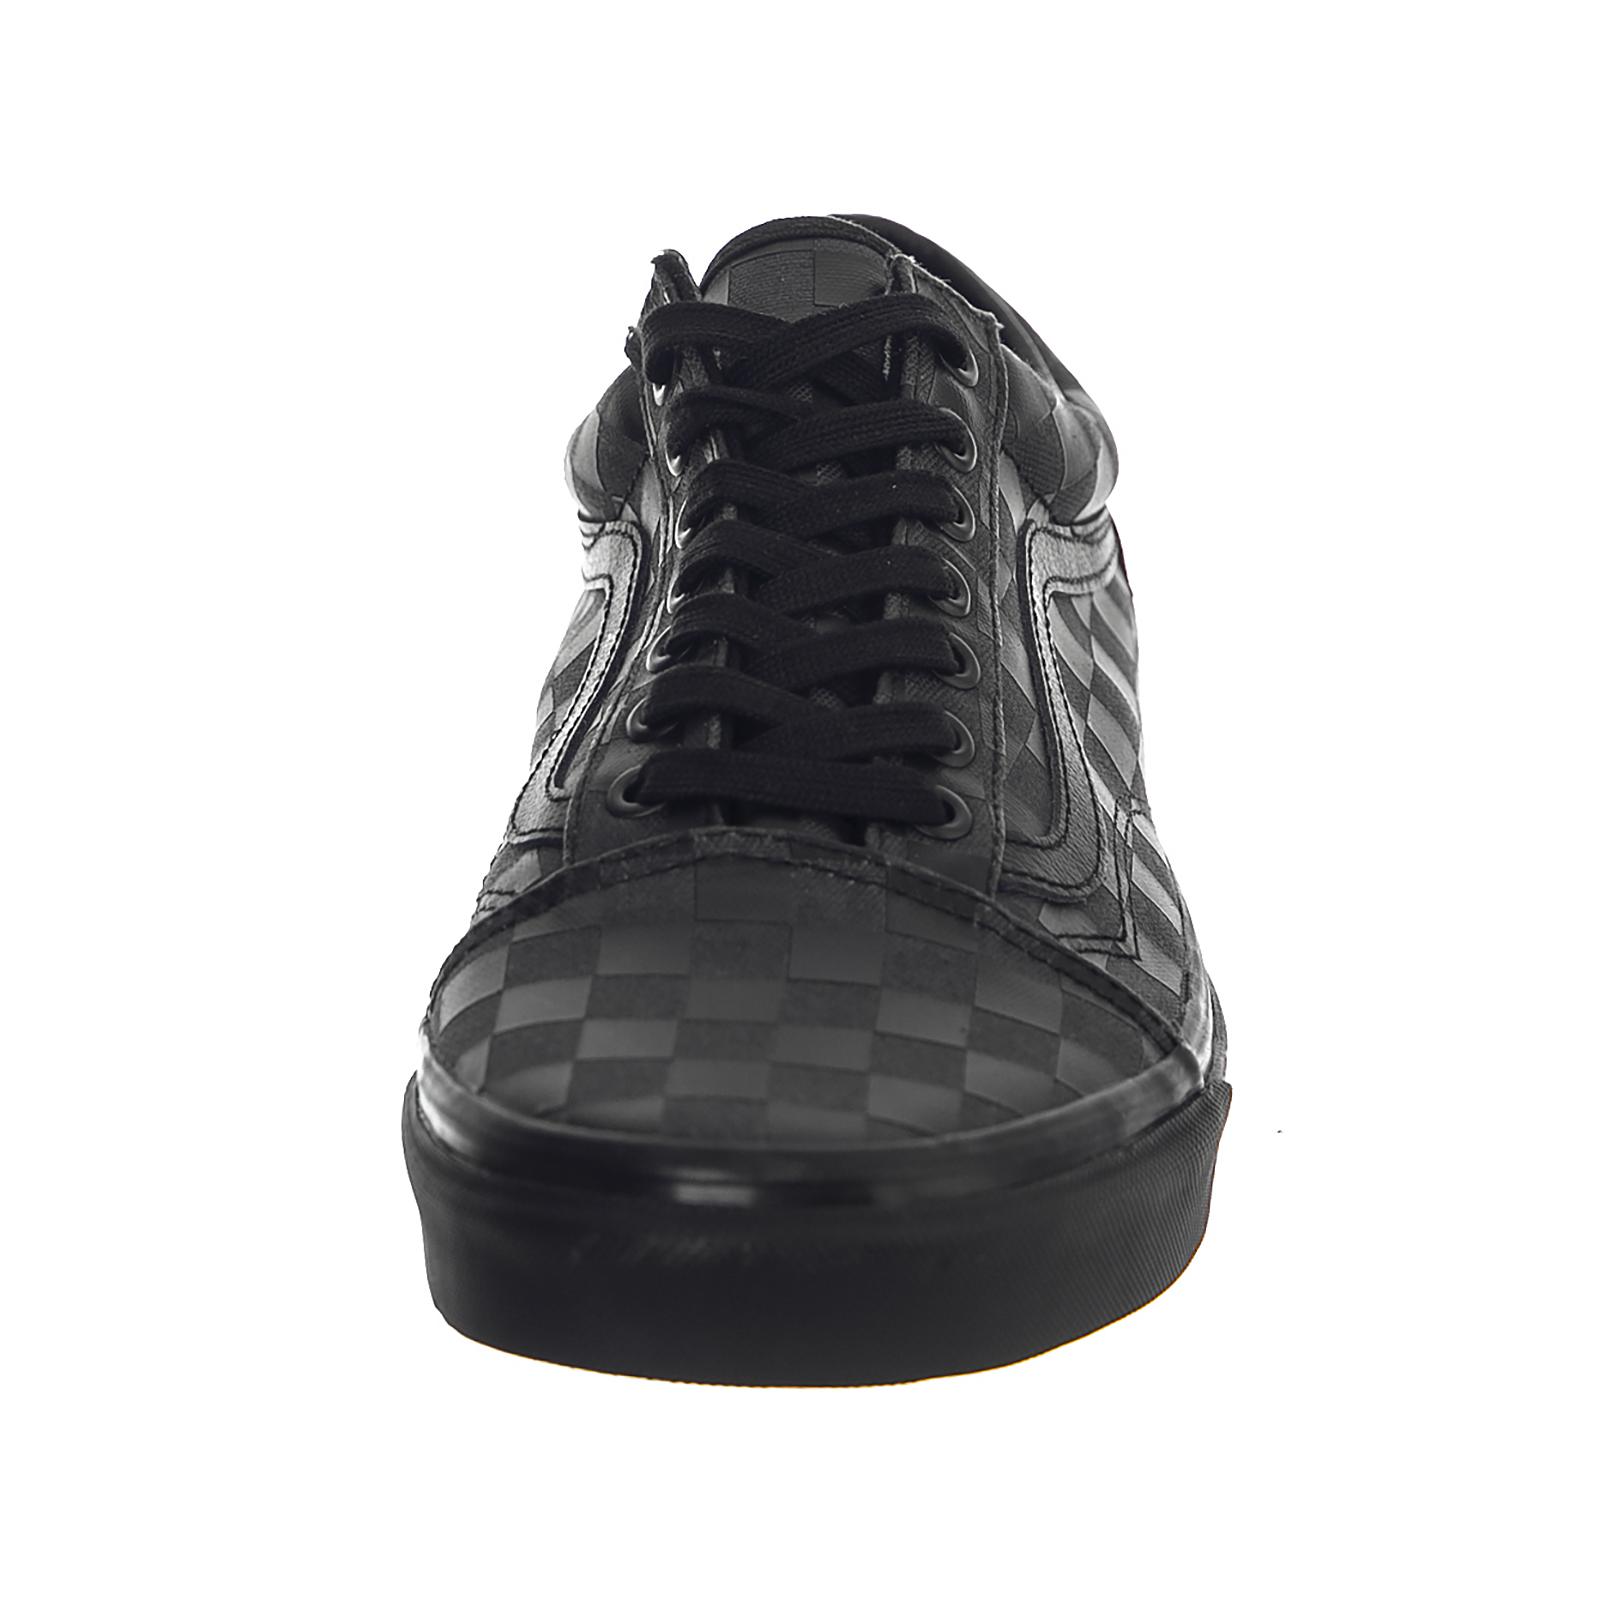 269ab291754e Vans Sneakers Ua Old Skool (High Density) Black Checkerboard Black ...